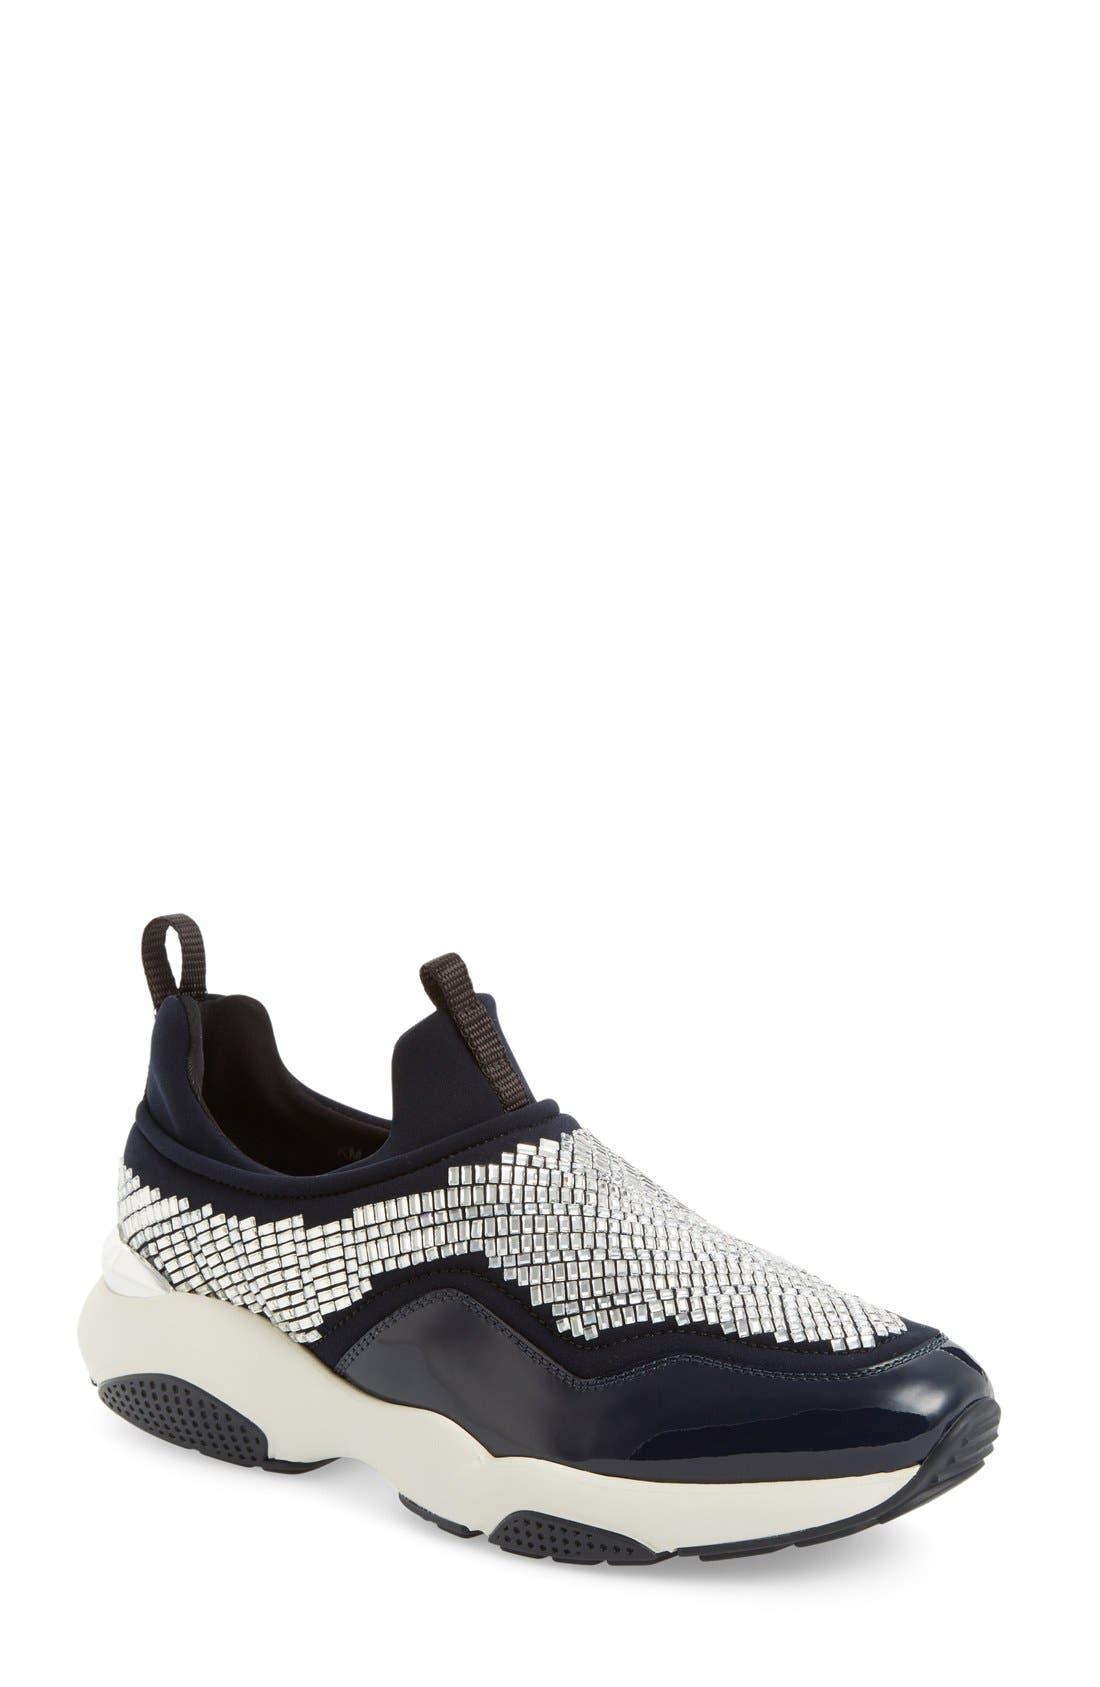 Alternate Image 1 Selected - Salvatore Ferragmo Giolly Slip-On Sneaker (Women)